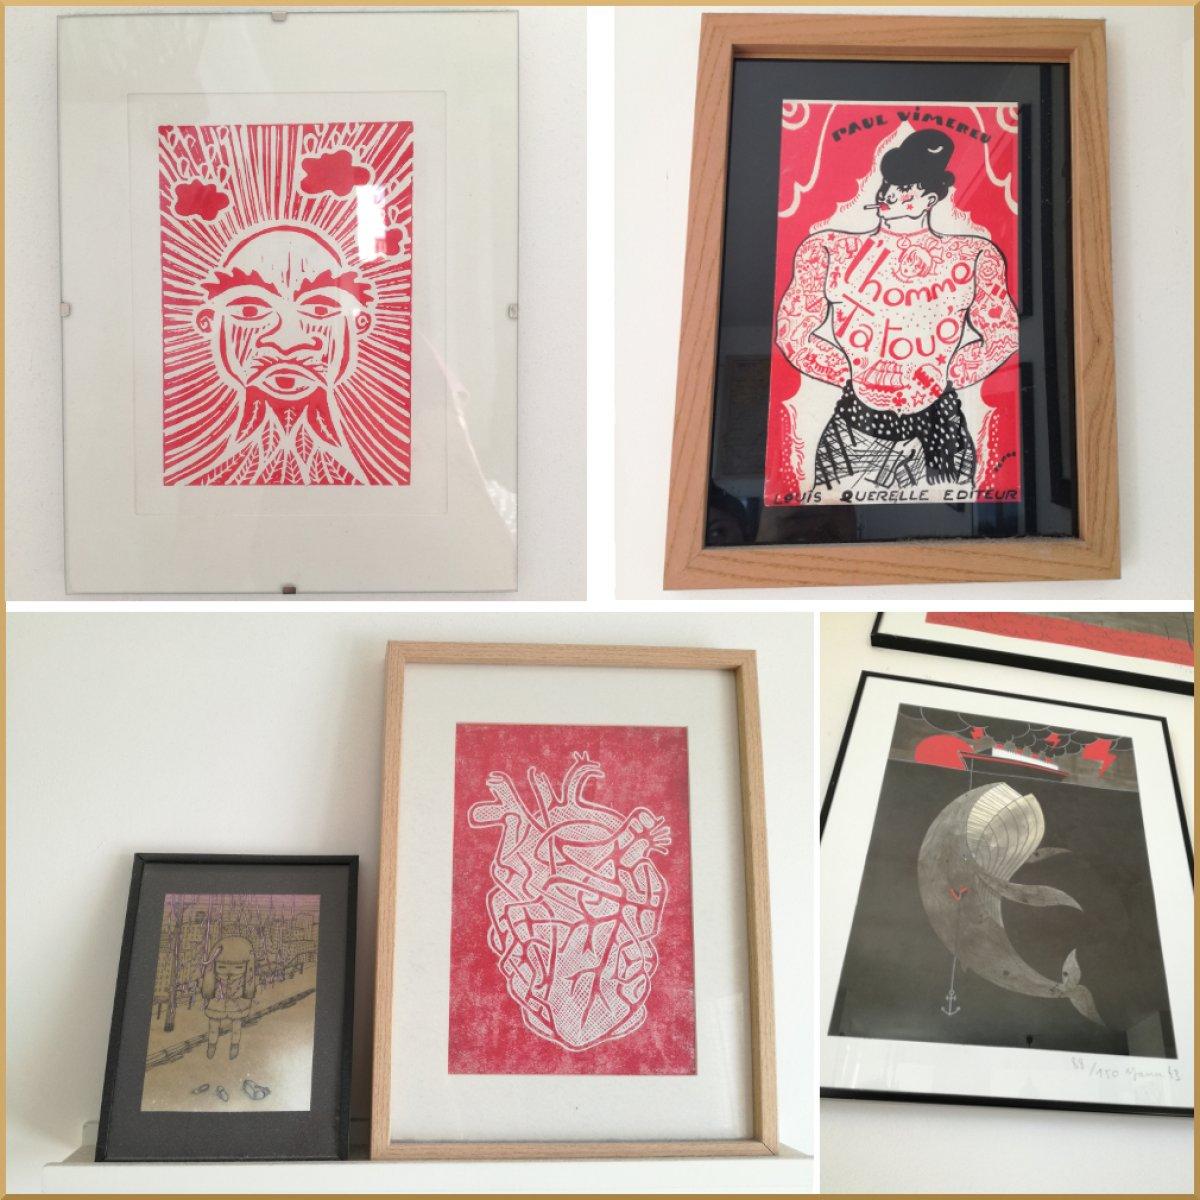 De haut en bas: Gravure de Margeline Mouron, illustration issue du roman L'homme tatoué – artiste inconnu, illustration offerte en cadeau – artiste inconnu et gravure de Margeline Mouron, tirage d'art « Death boat » de Yann Black.